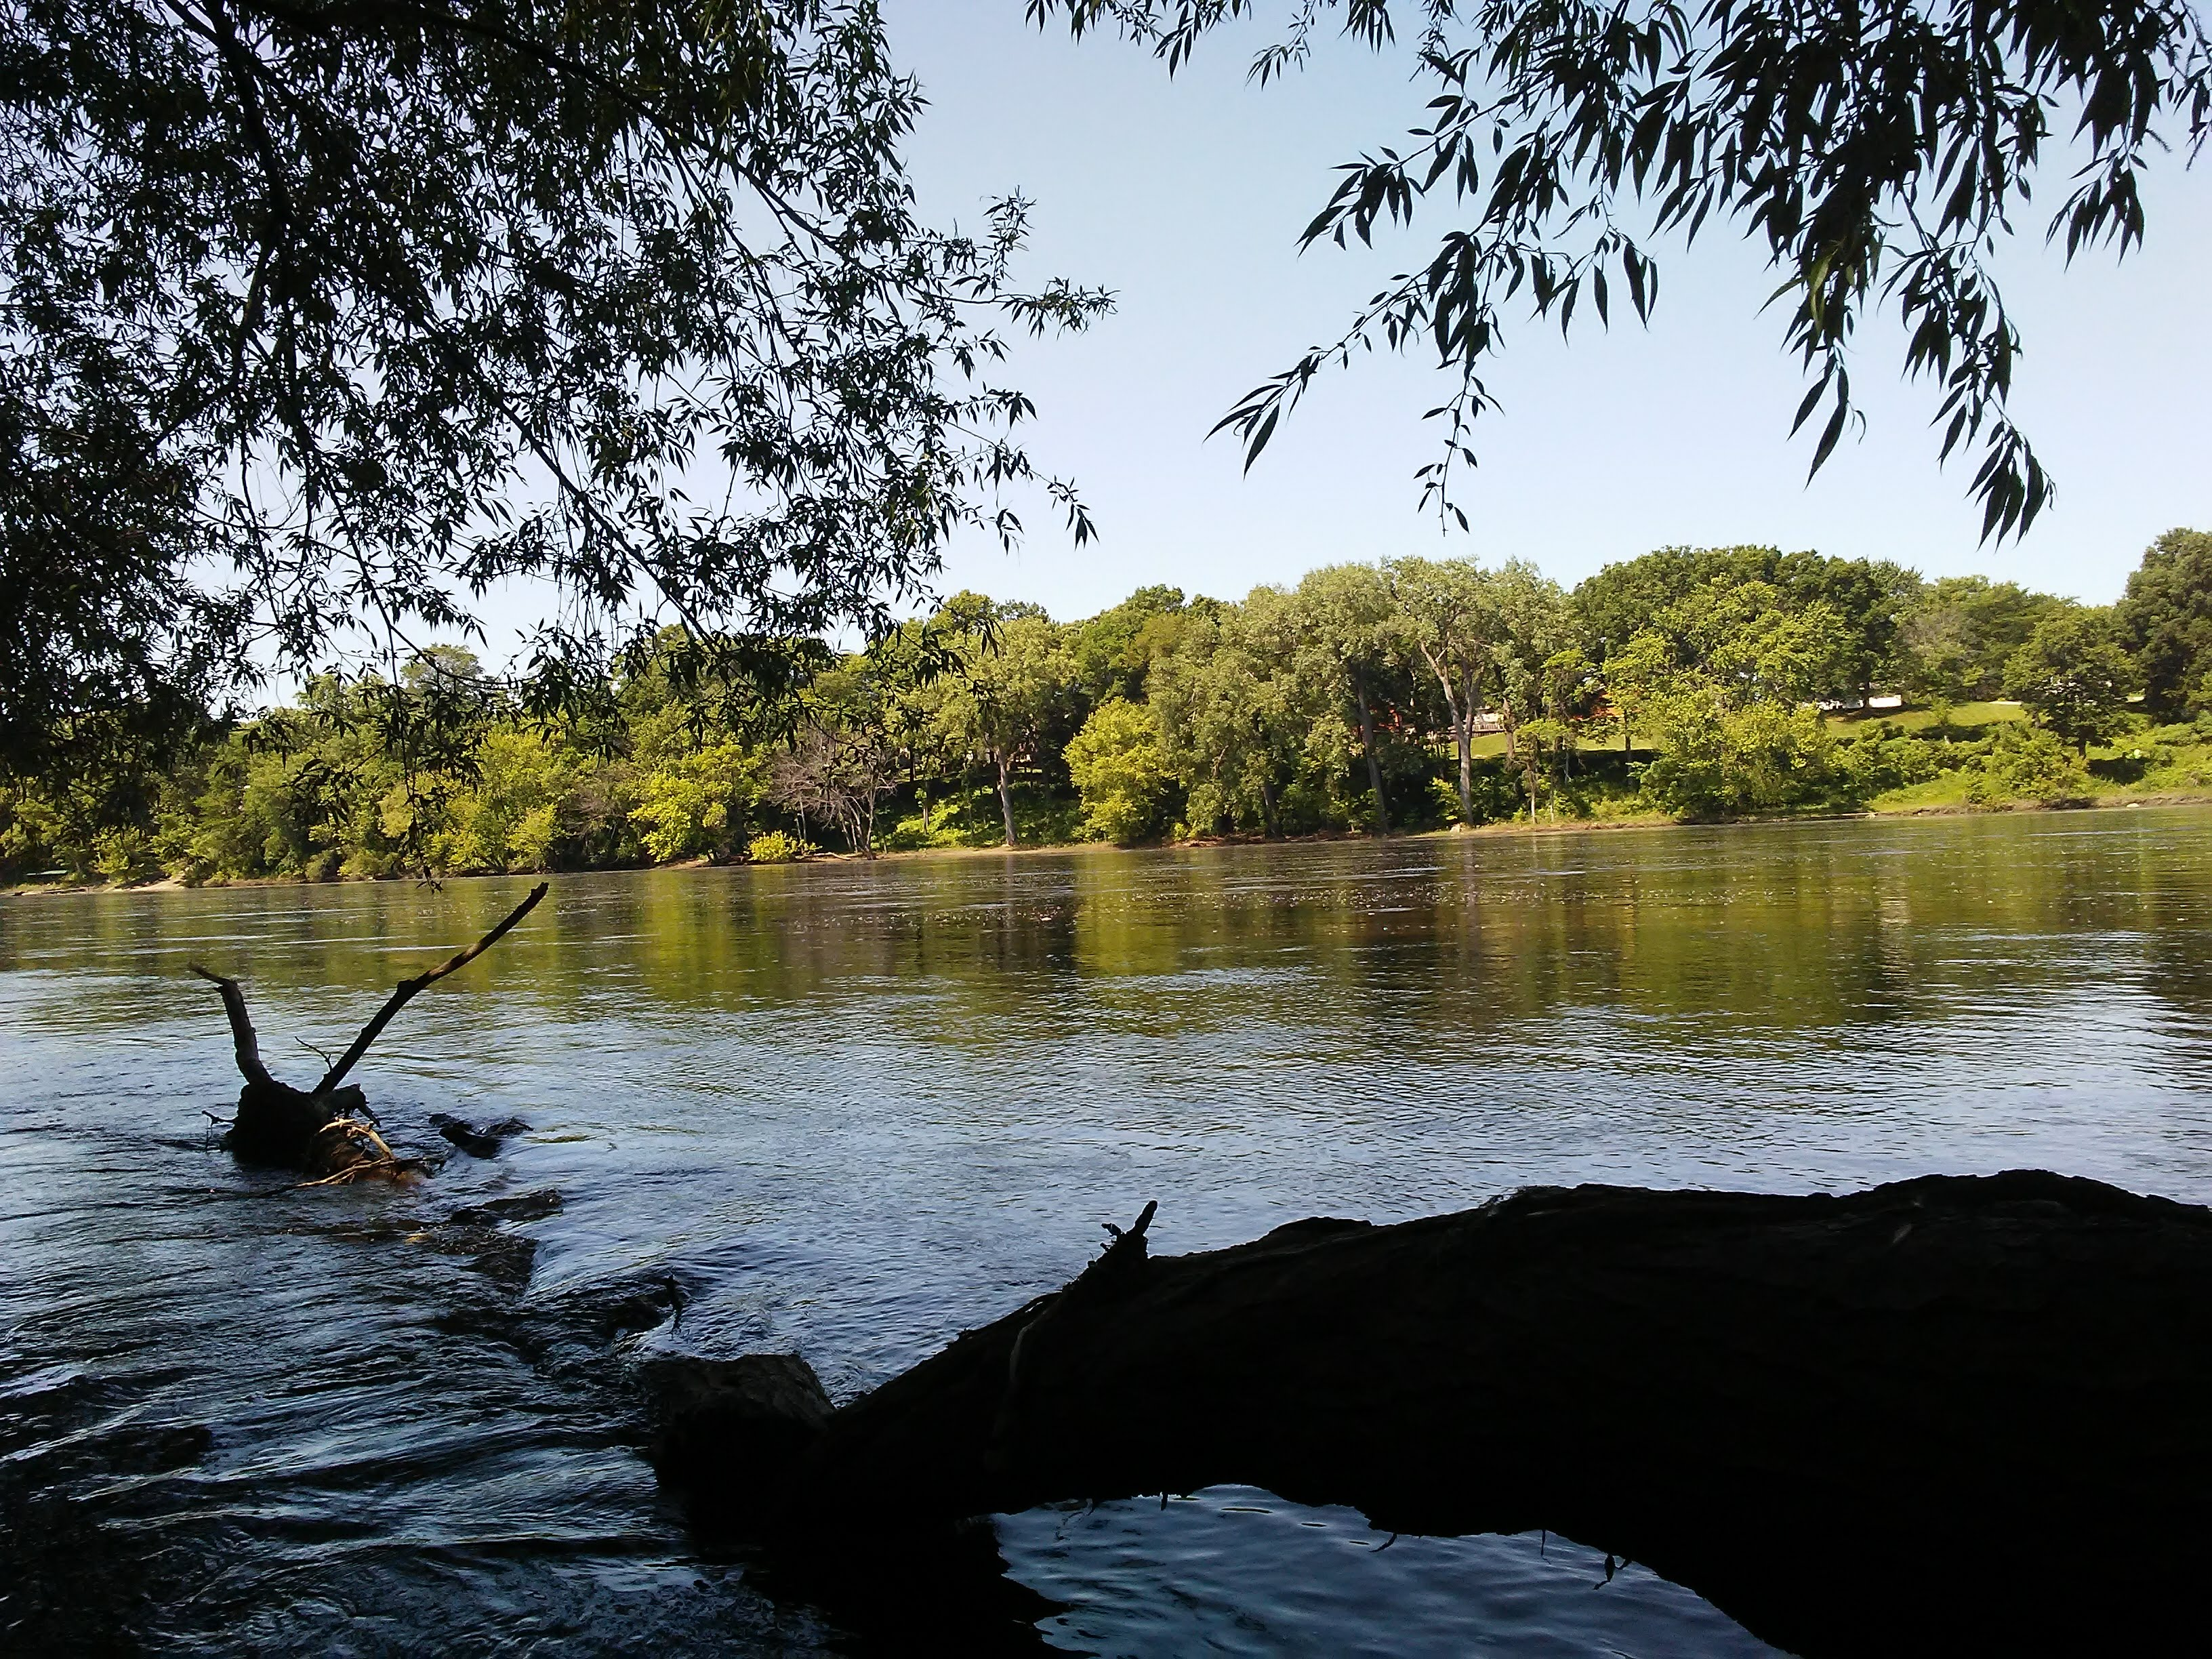 fallen tree in a river